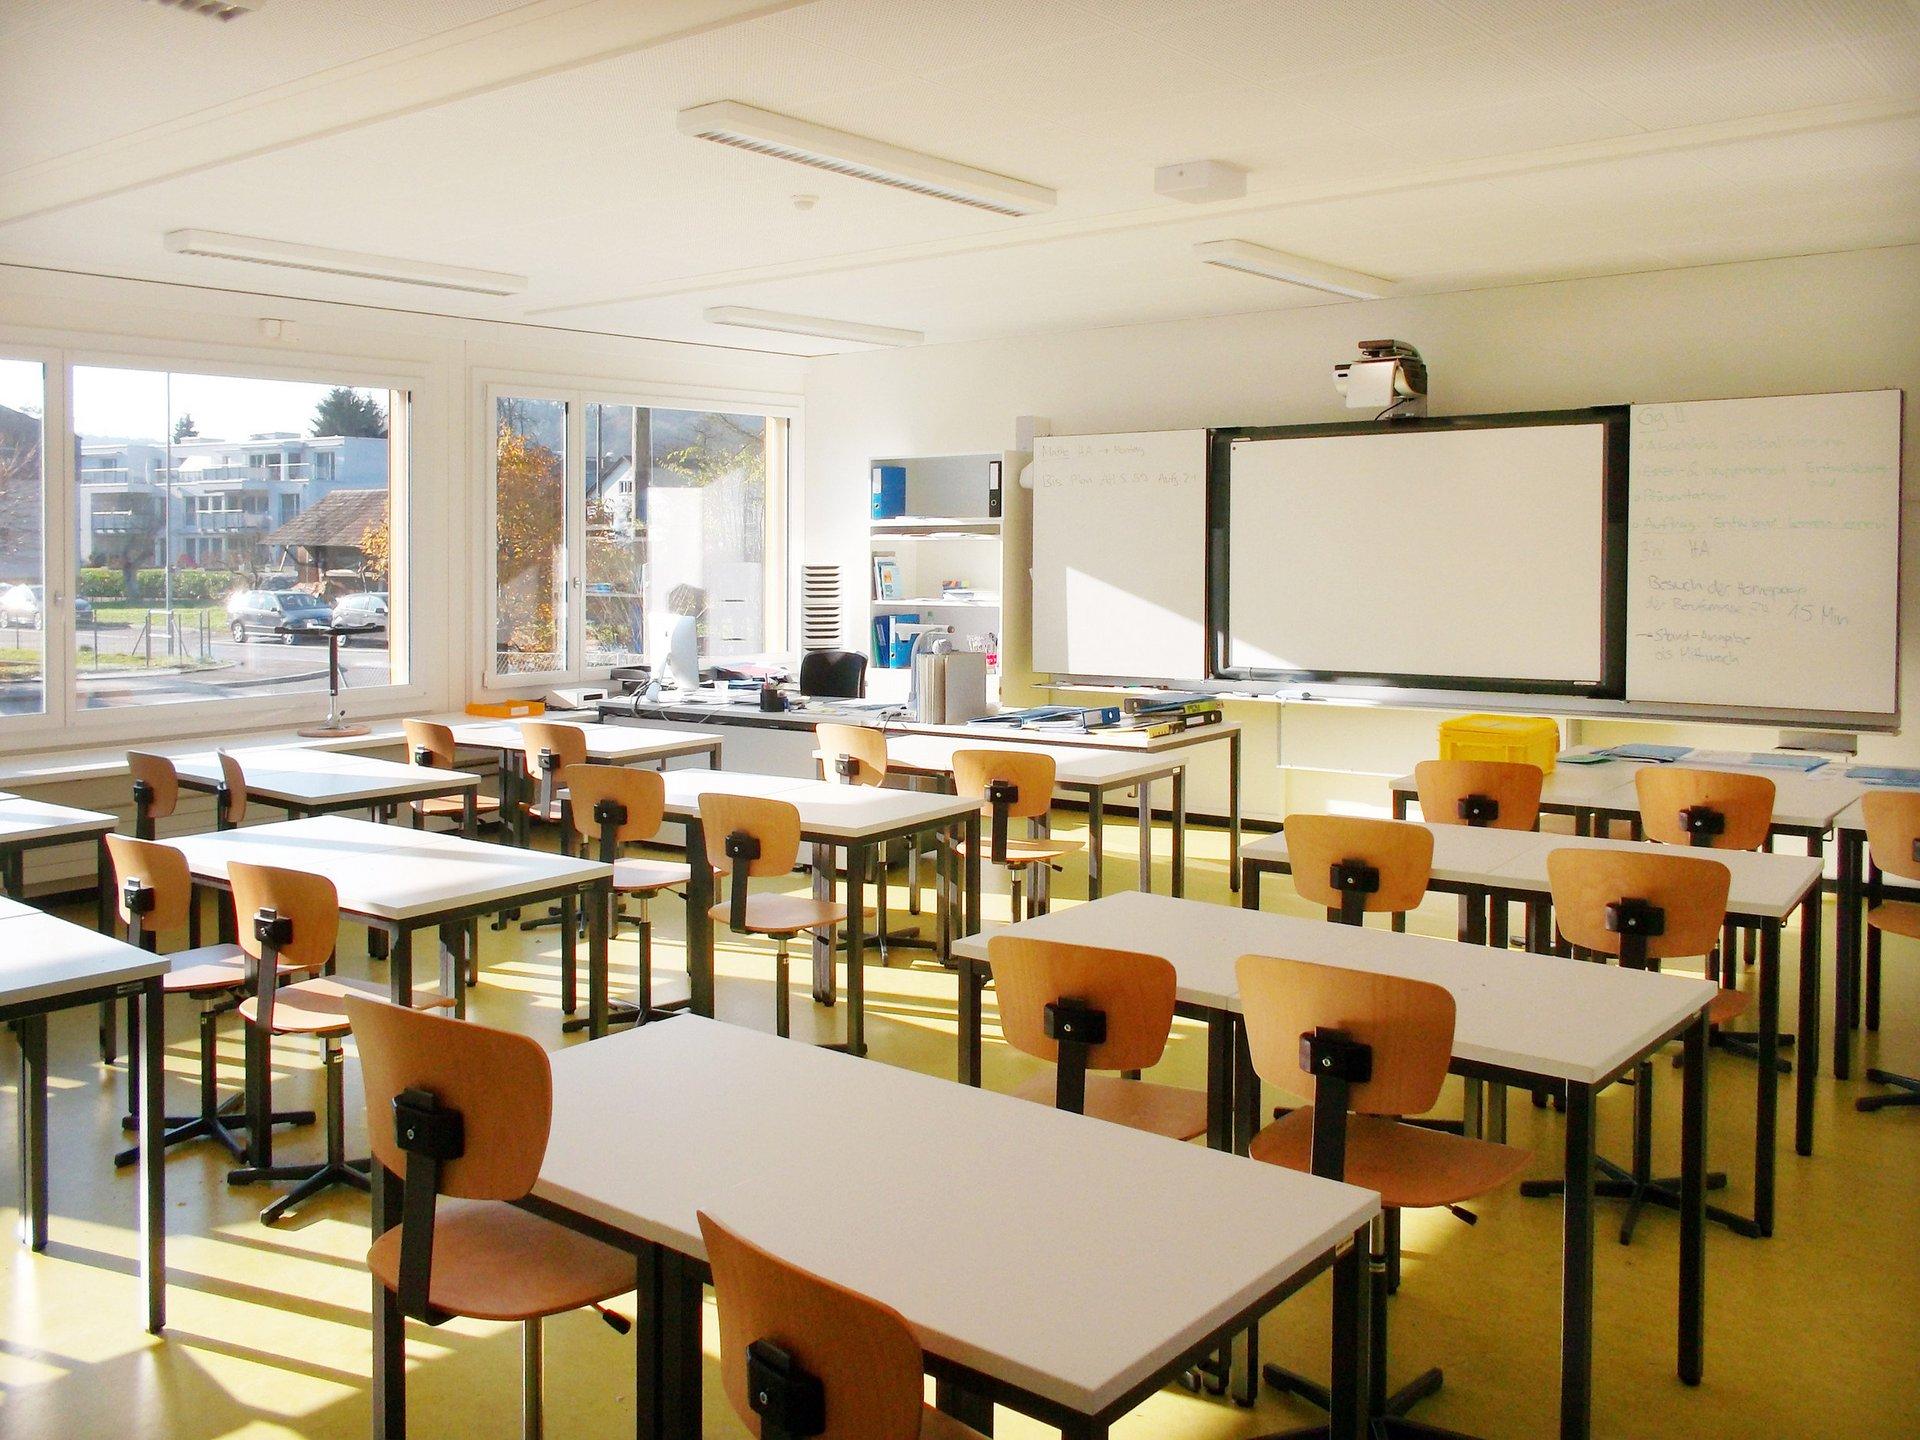 Klassenzimmer lichtdurchflutet durch grosse Fensterelemente